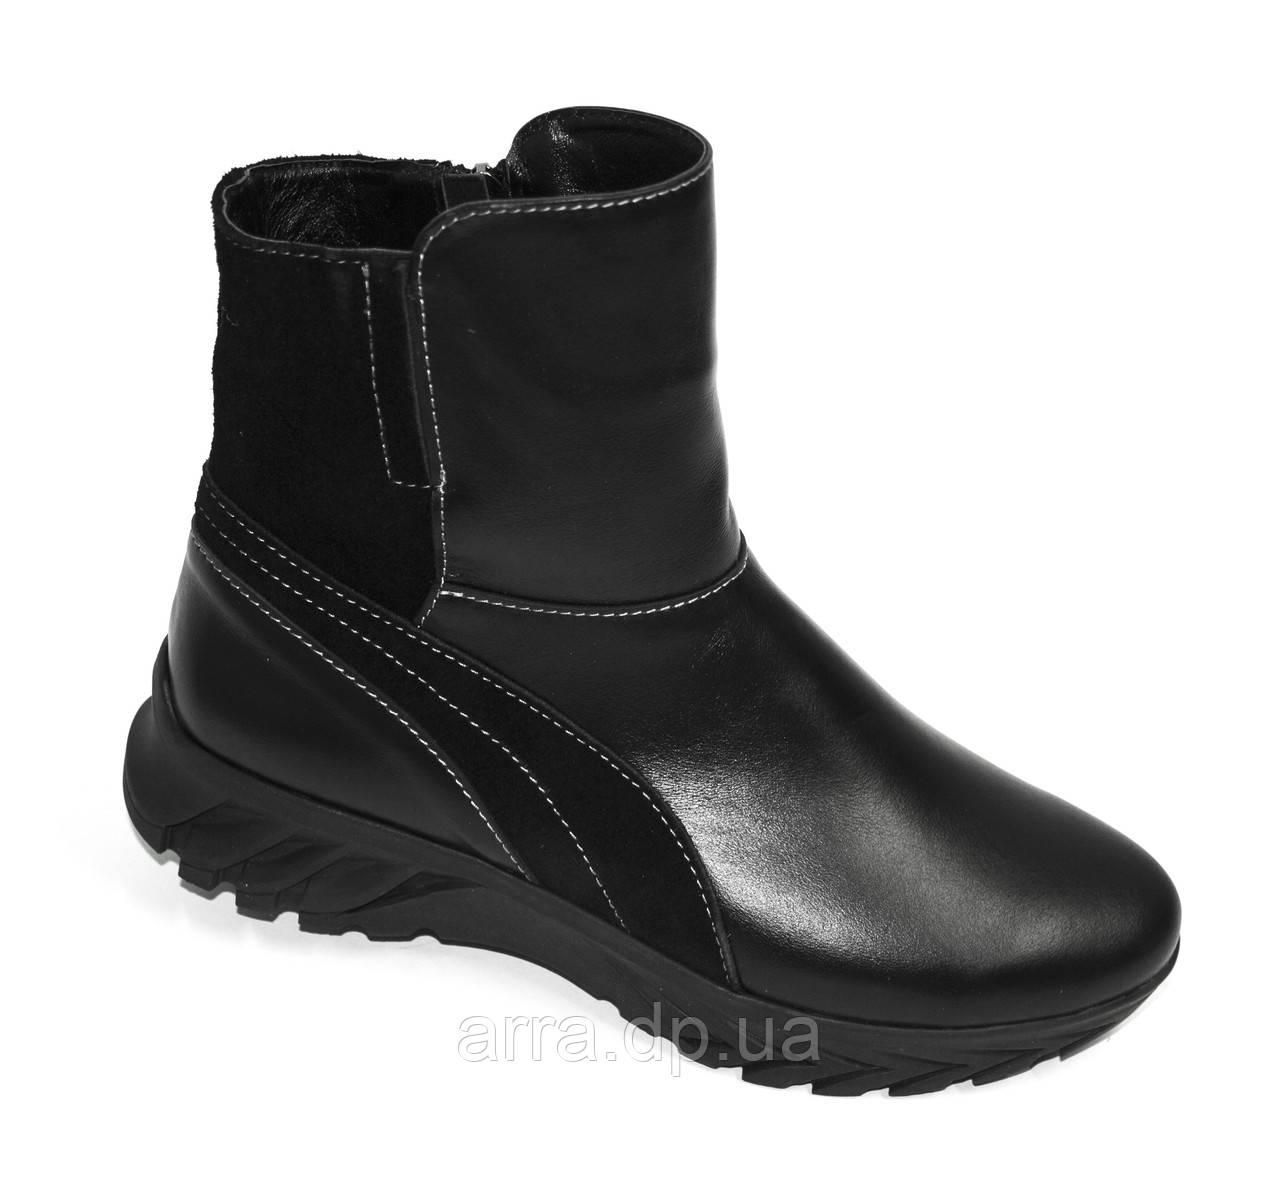 Женские зимние ботинки на меху, из натуральной кожи от производителя ТМ ARRA